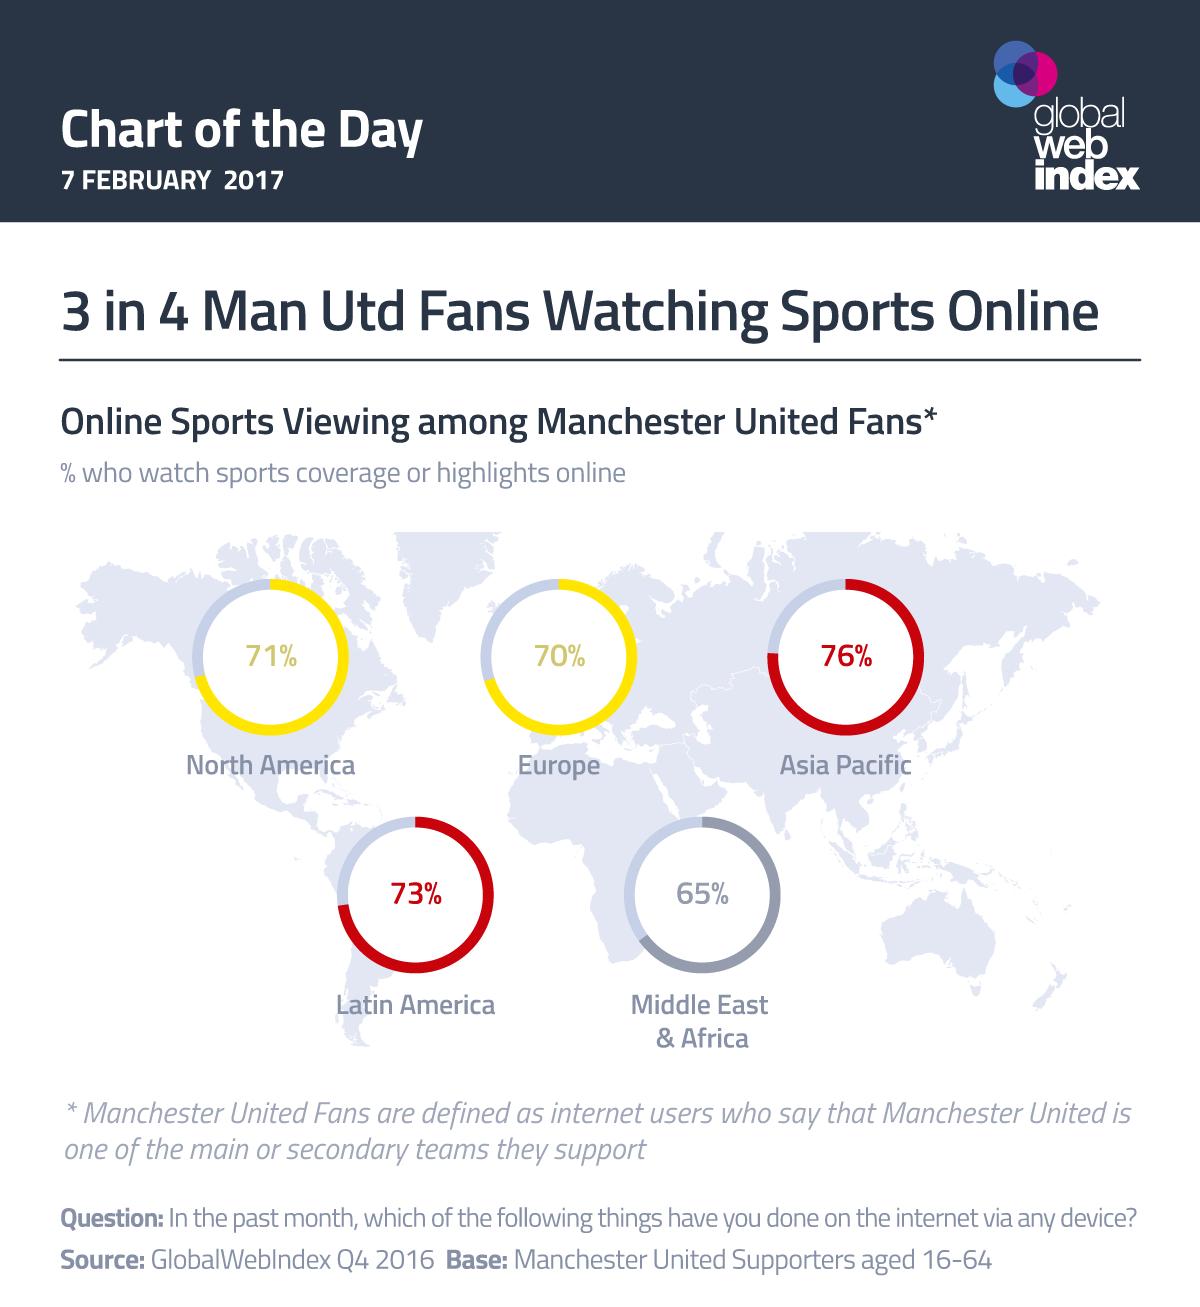 3 in 4 Man Utd Fans Watching Sports Online